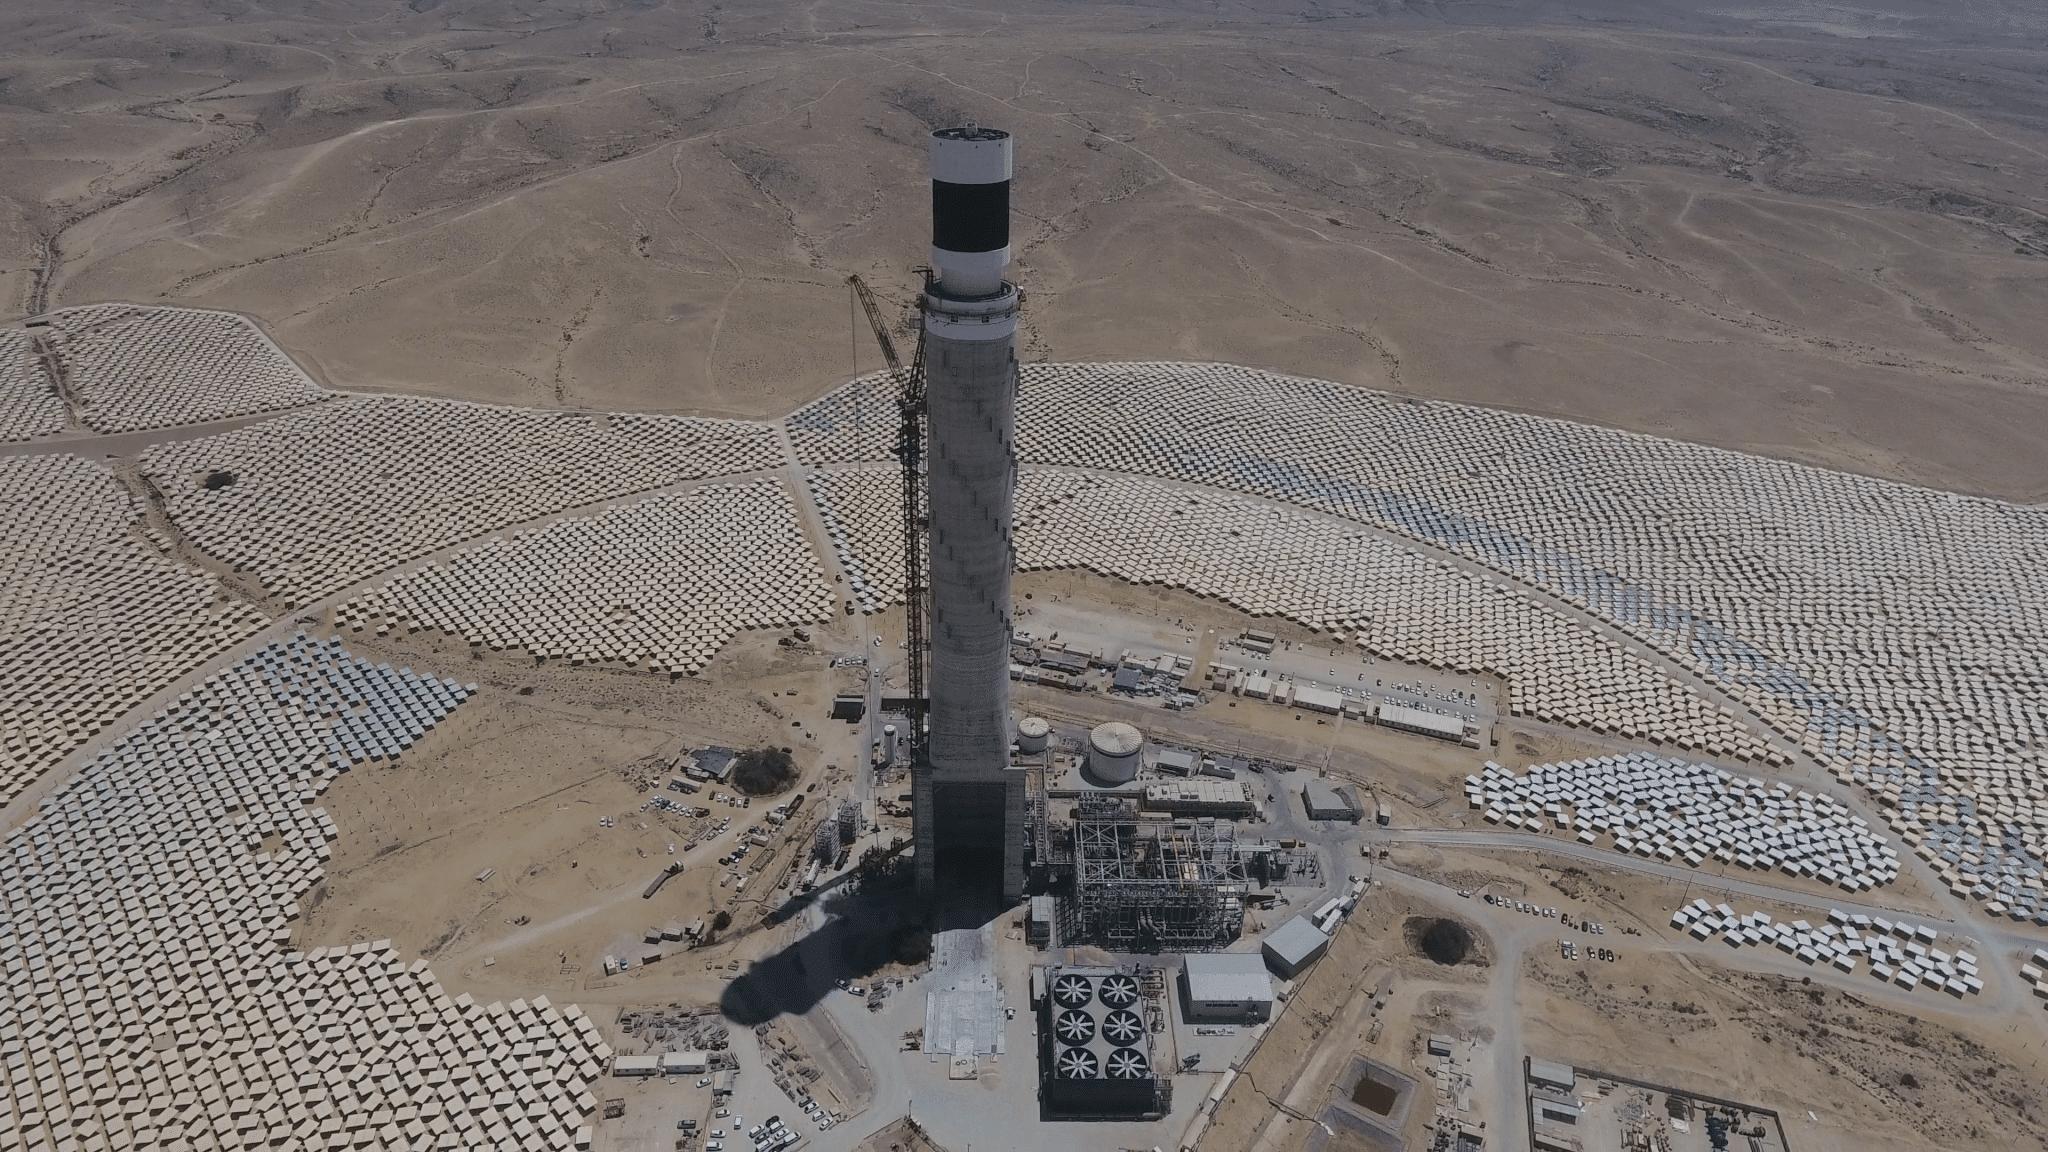 תחנת כוח תרמו סולארית – מגדל השמש באשלים